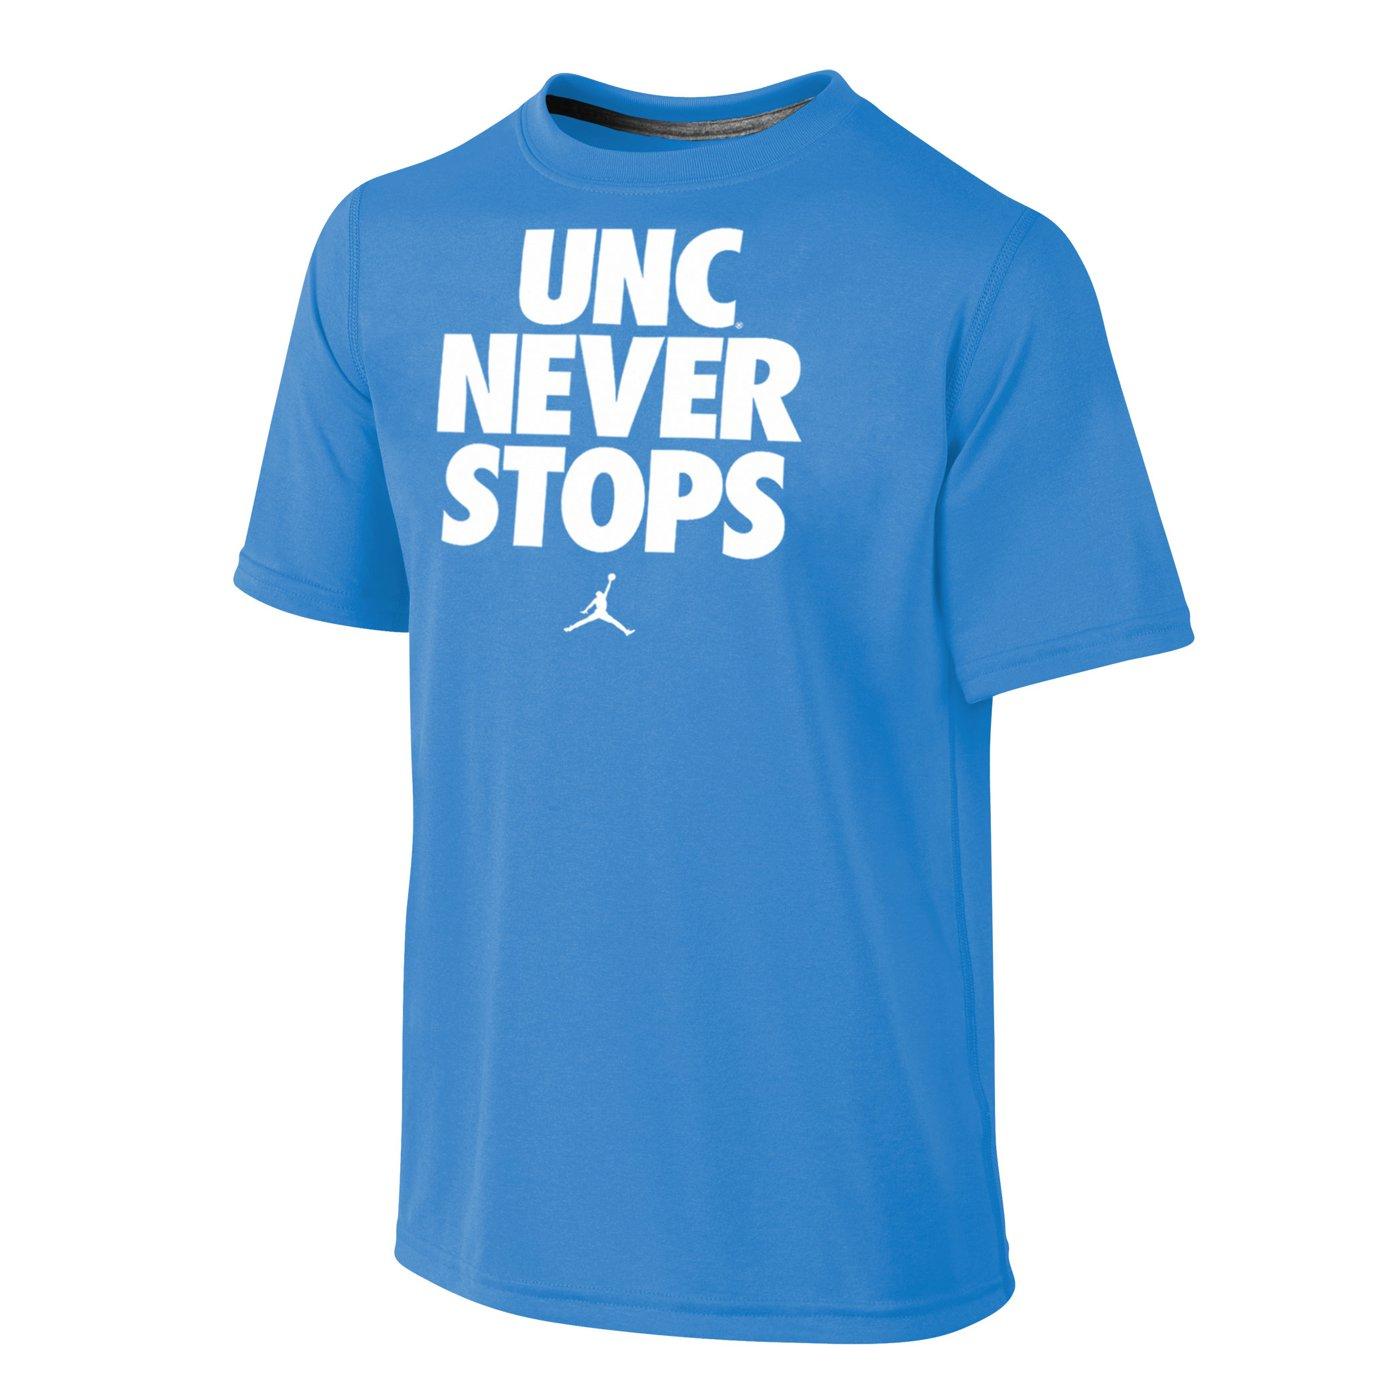 tee shirt nike basketball never stops